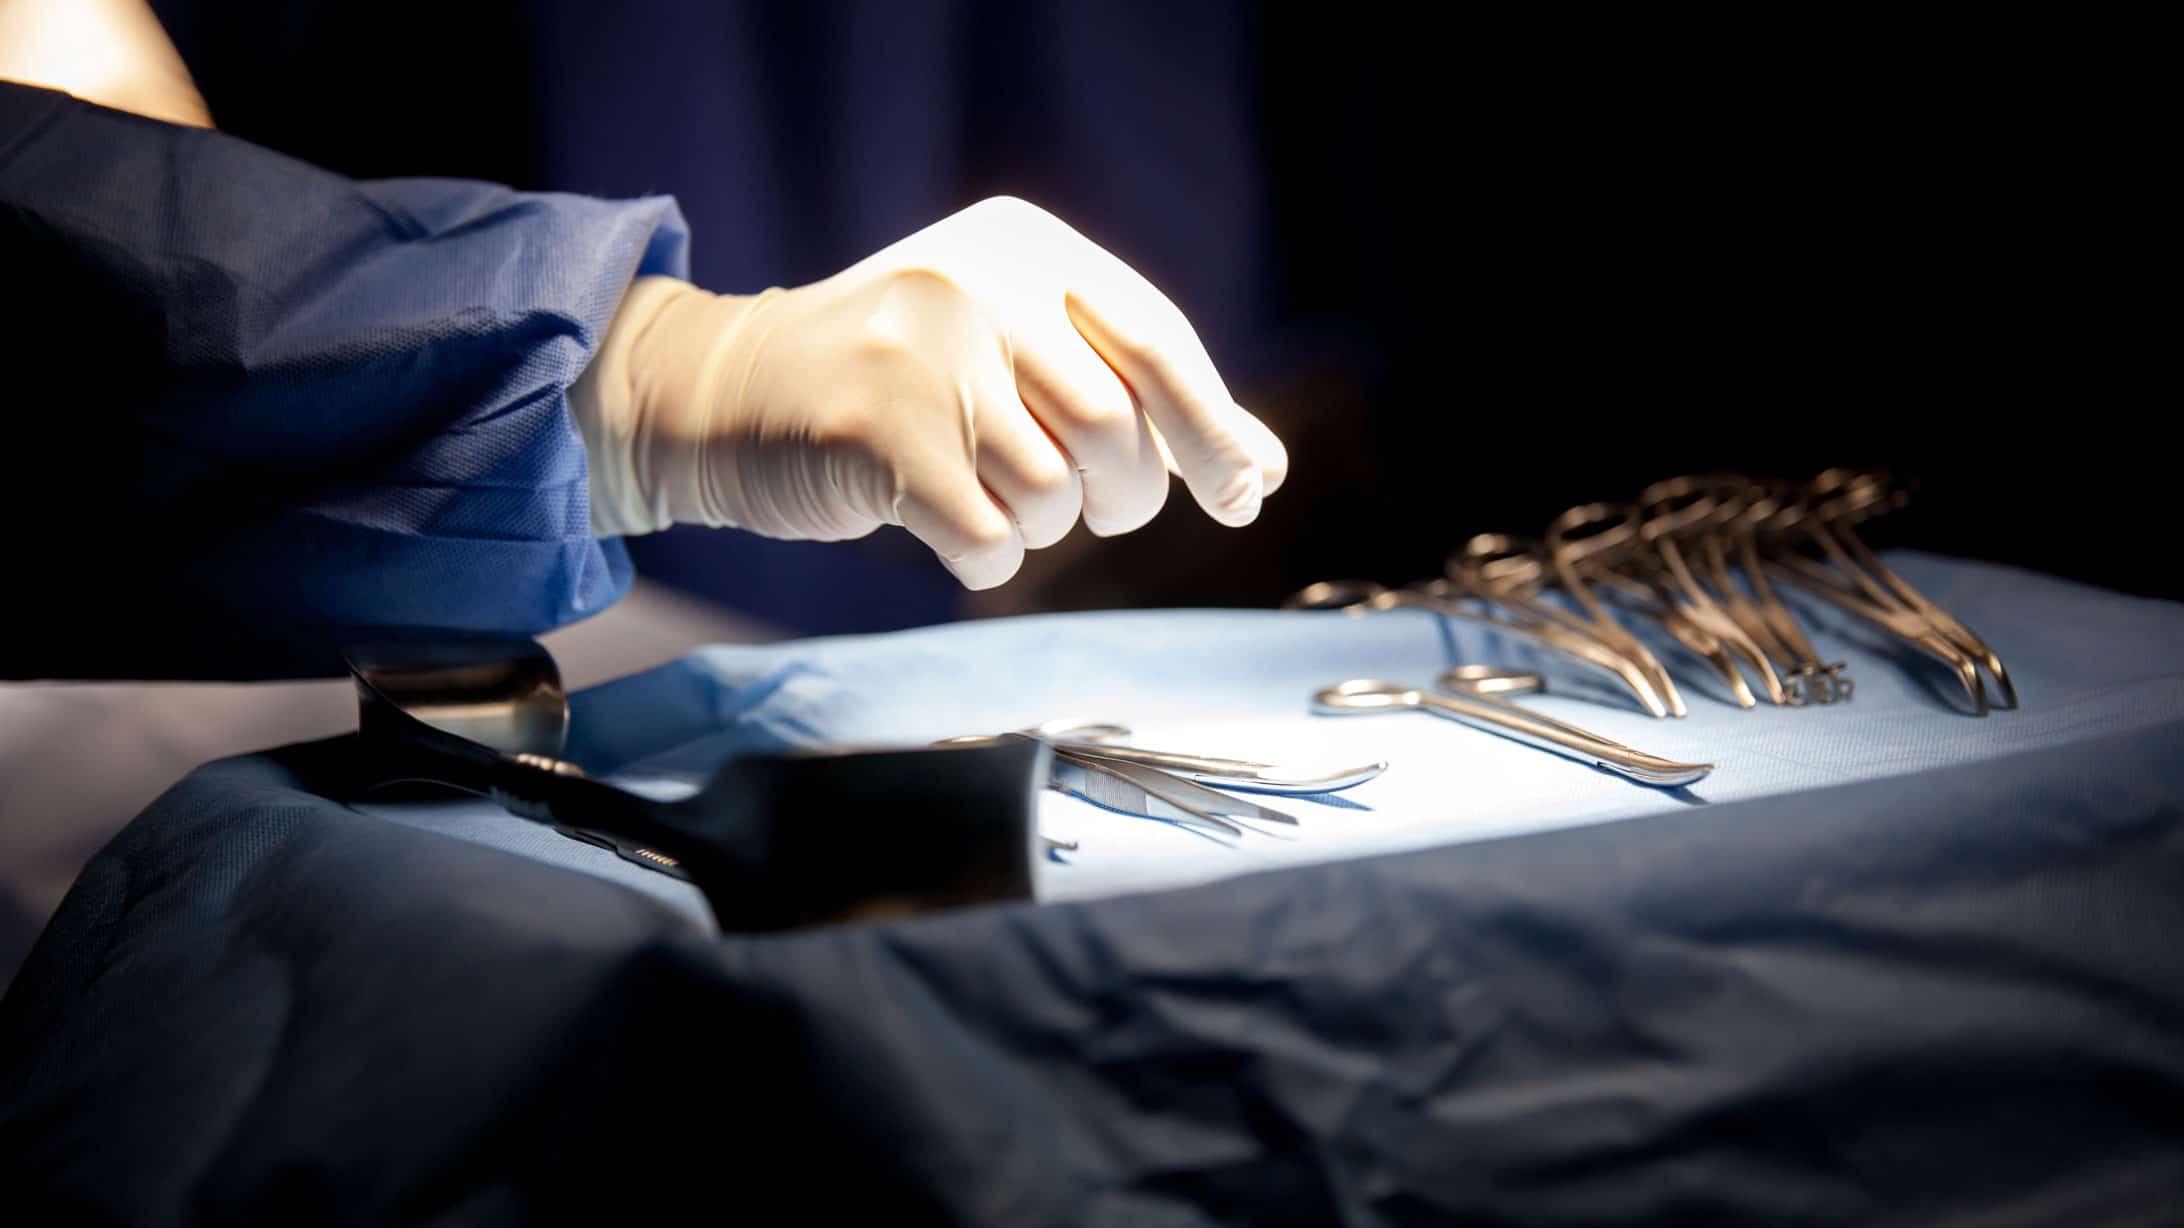 Ein Chirurg greift während einer Hysterektomie nach dem Skalpell.